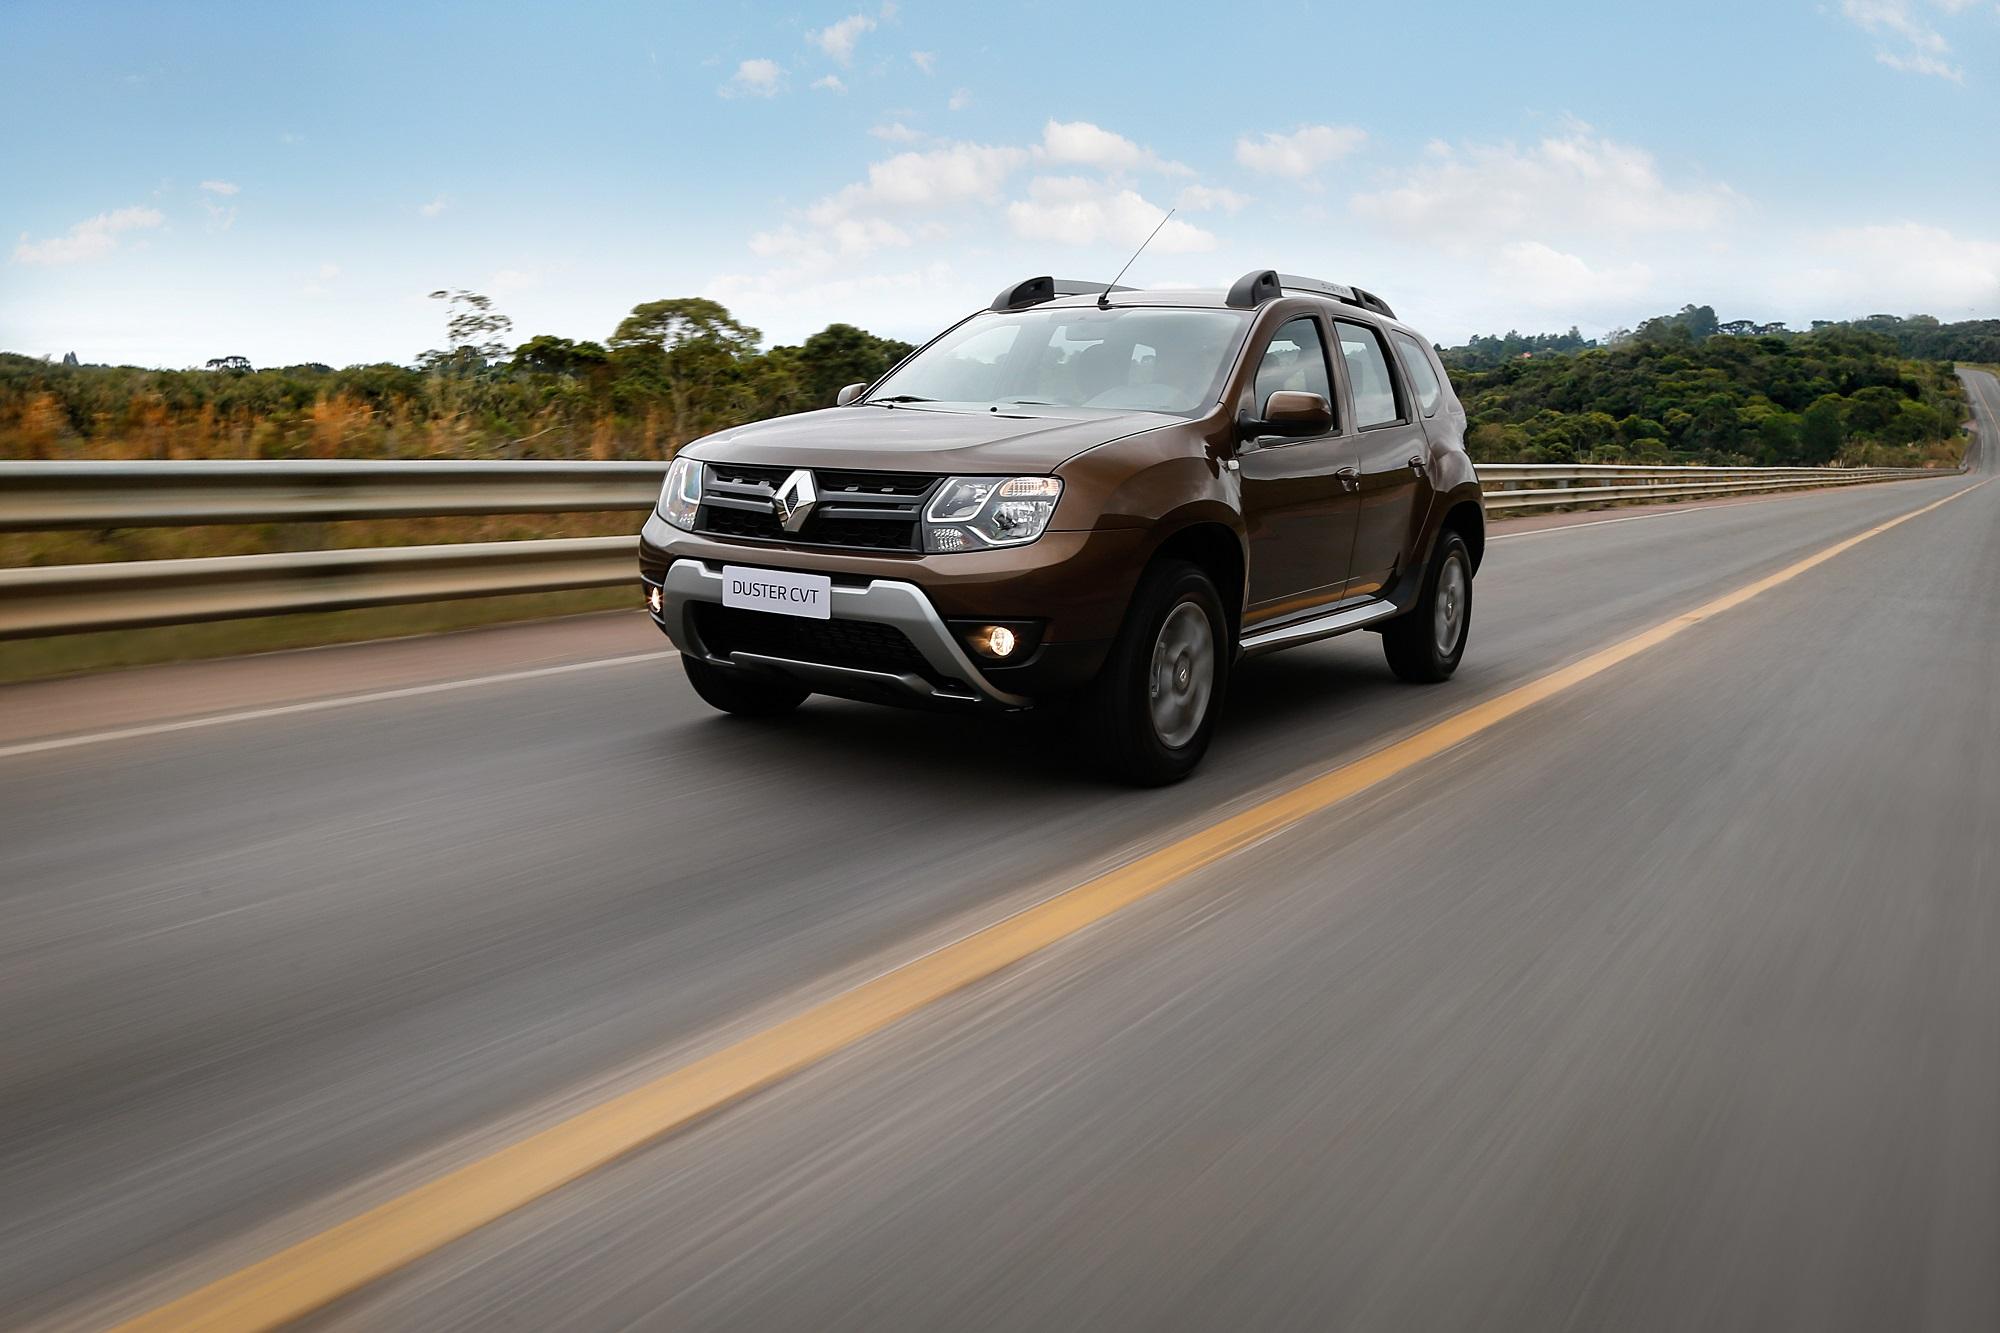 Renault Duster CVT na cor marrom de frente em movimento na estrada